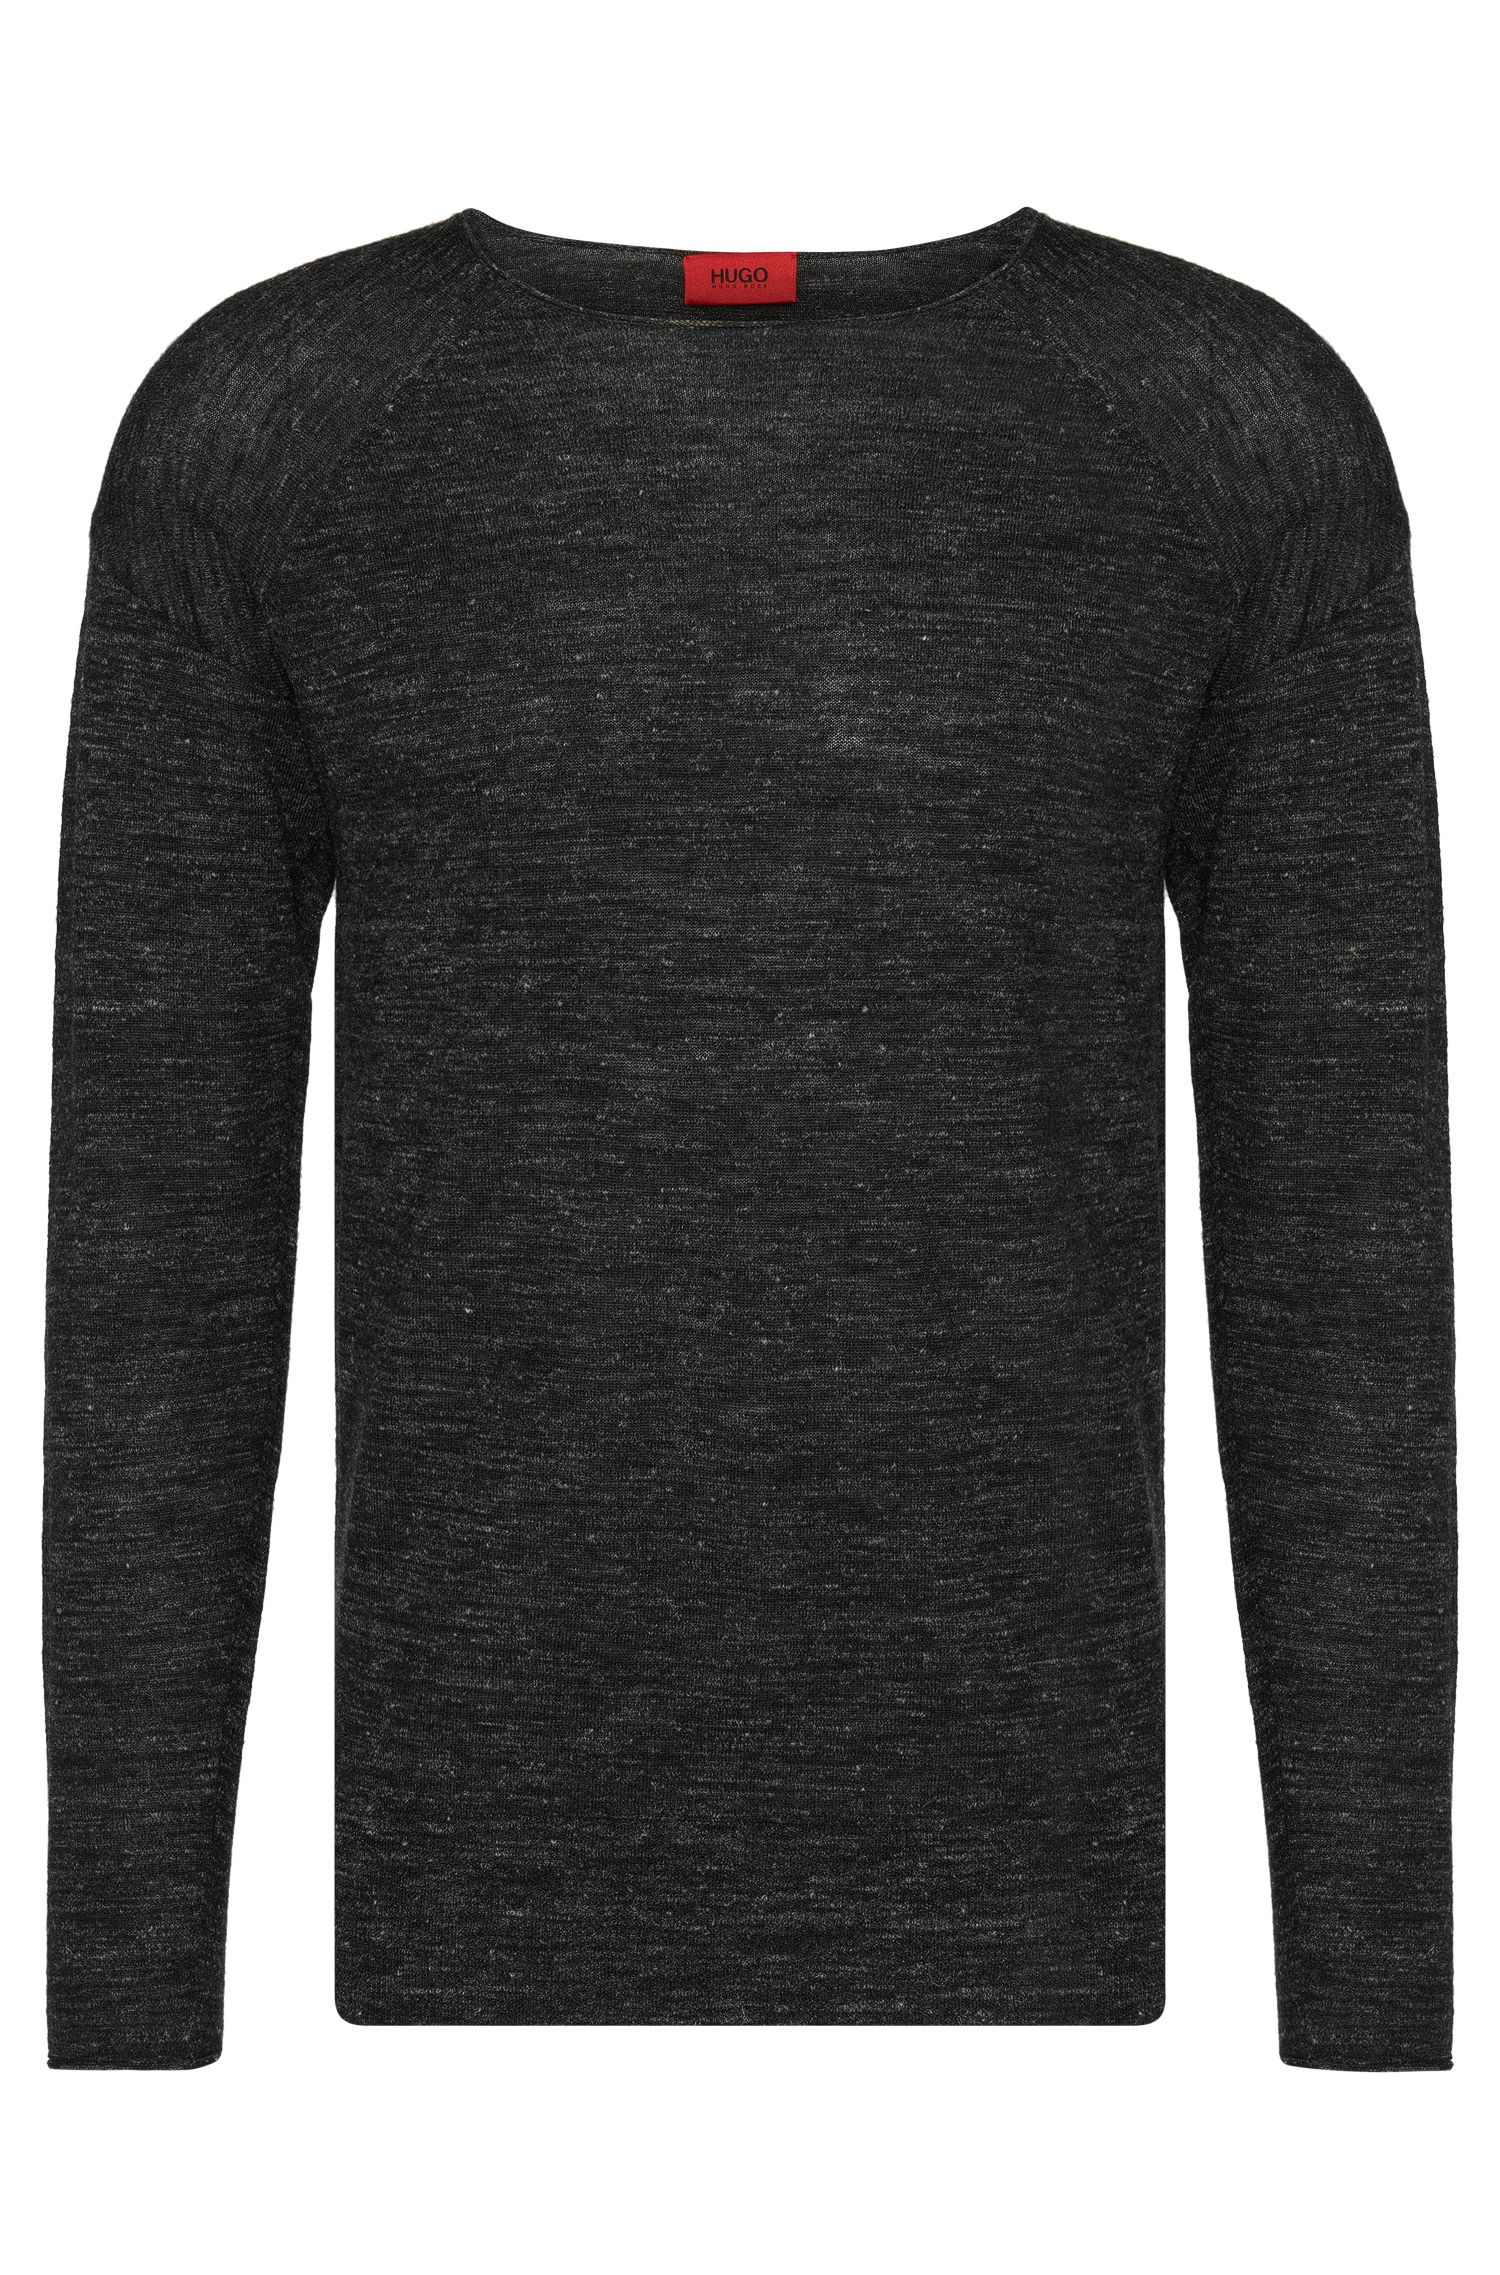 'Sullmore' | Virgin Wool Linen Melange Sweater, Black